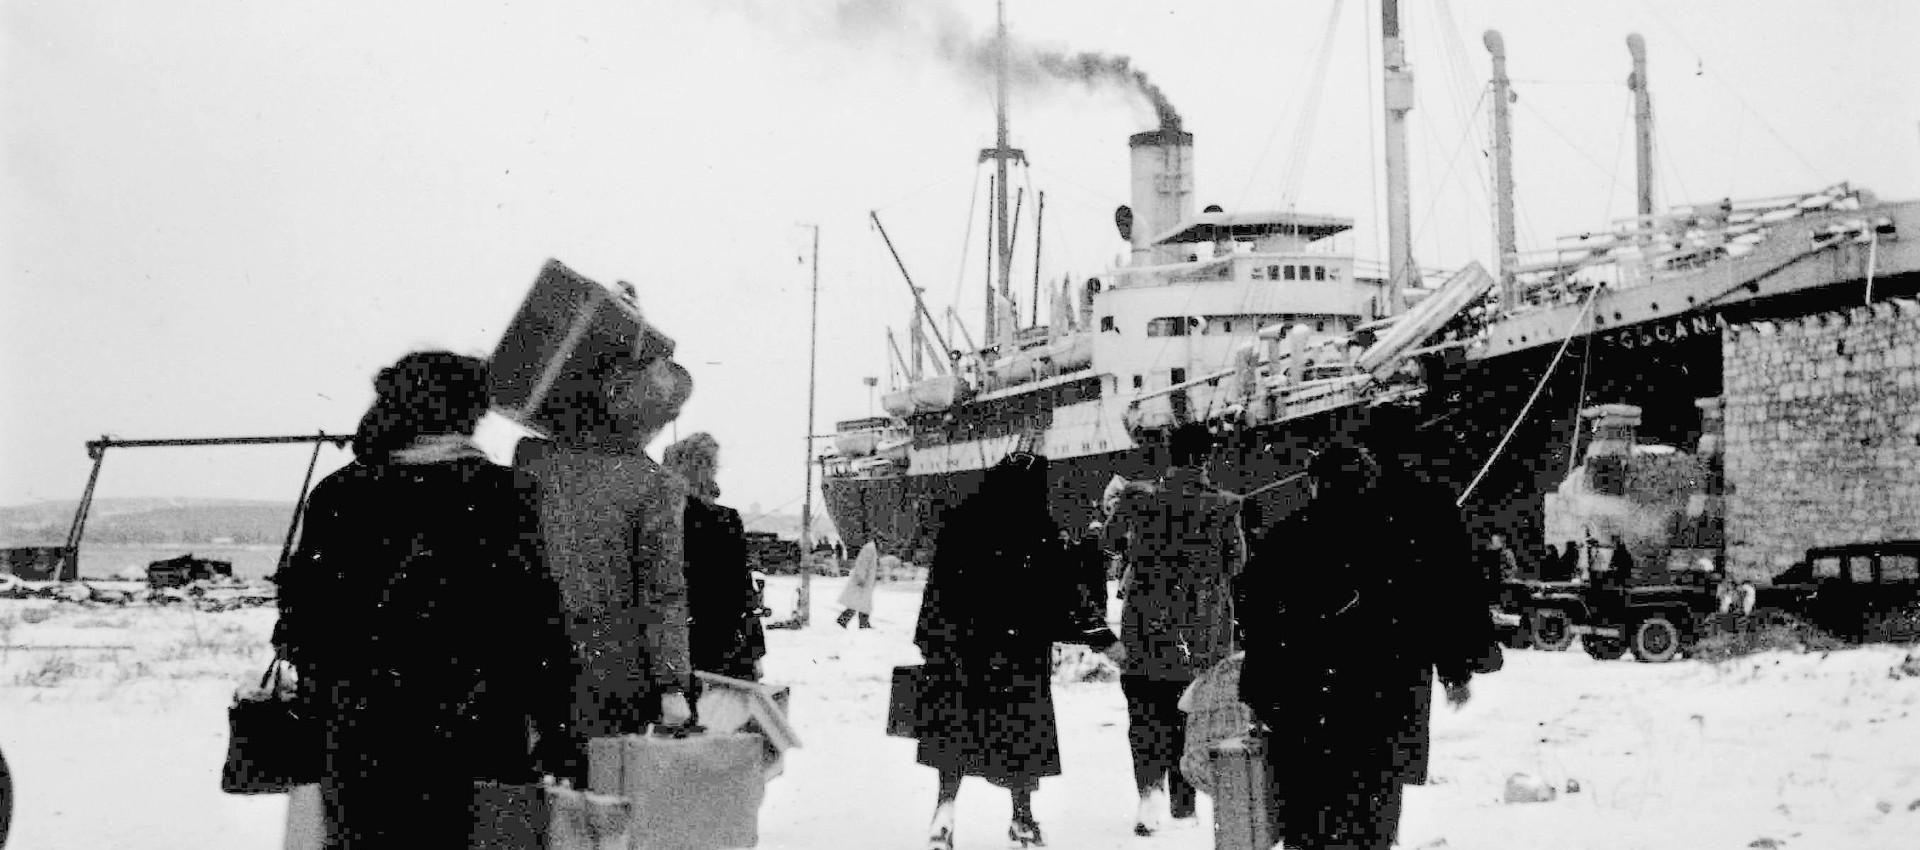 Foto Wikipedia: Polesani diretti verso il piroscafo Toscana, che li traghetterà fino a Venezia